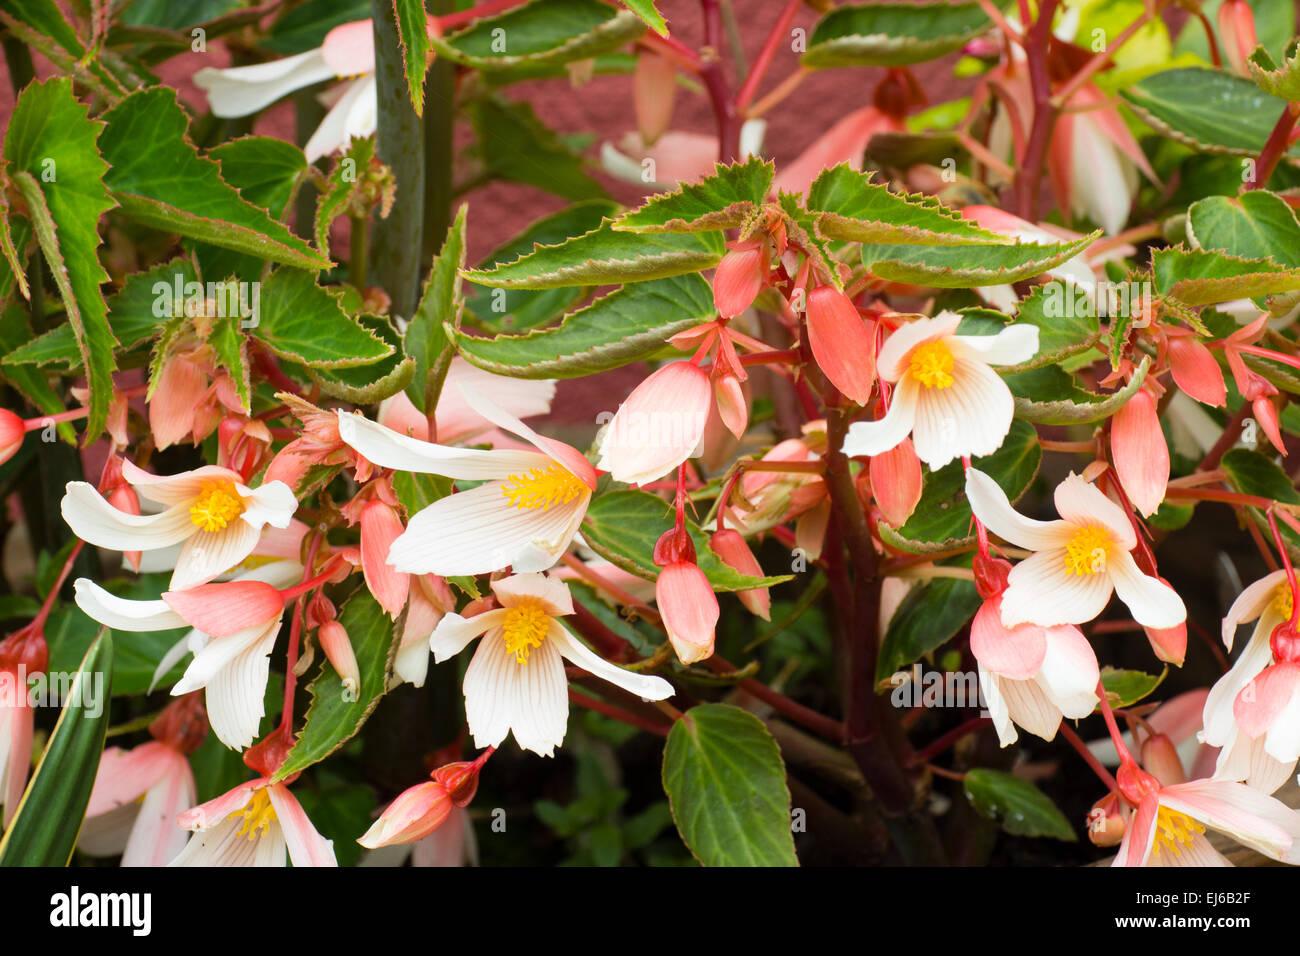 Pesca e fiori bianchi della gara, finale perenne, Begonia 'Million baci eleganza' Immagini Stock